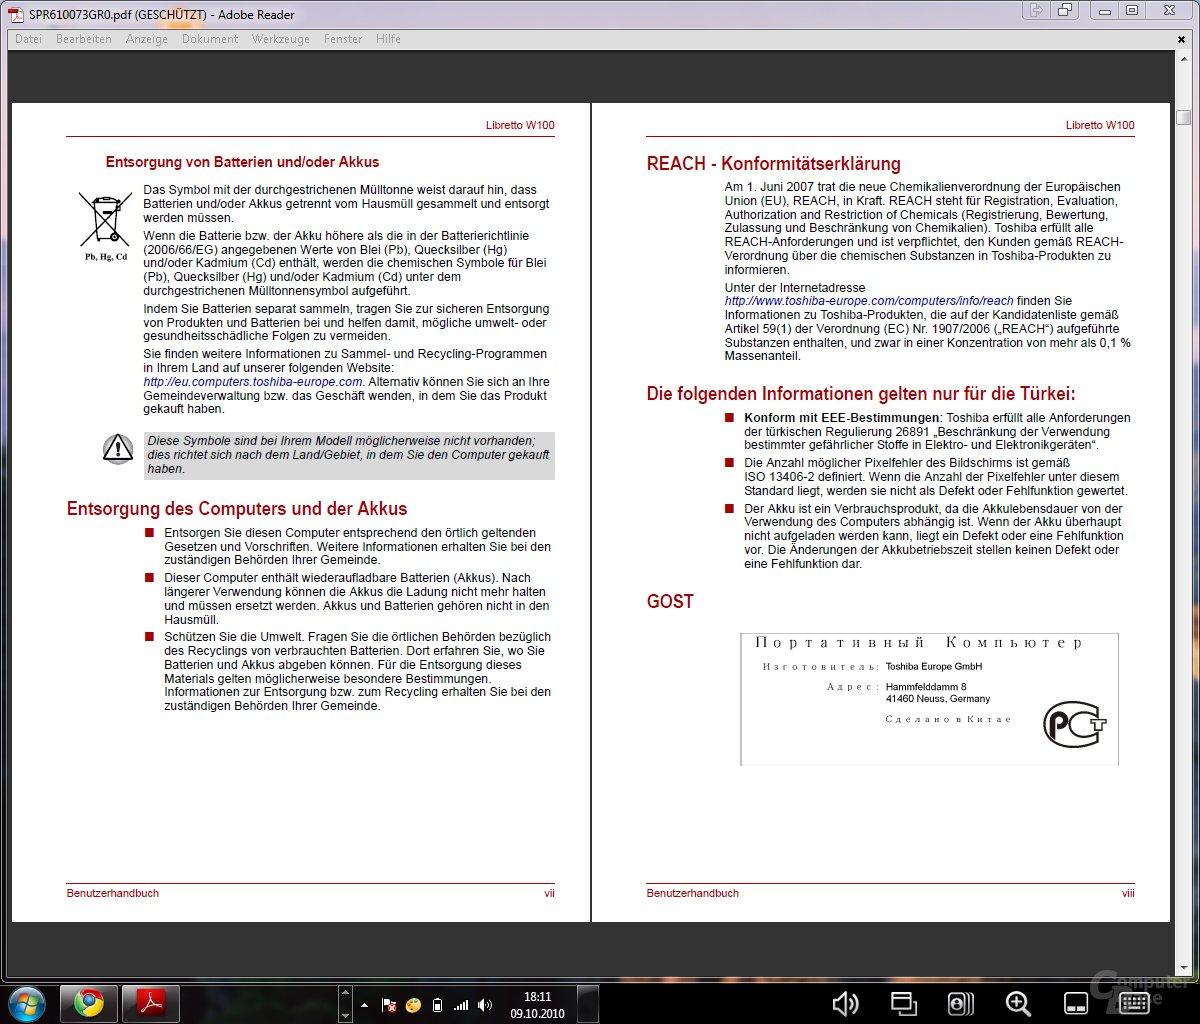 PDF-Ansicht (beide Displays)